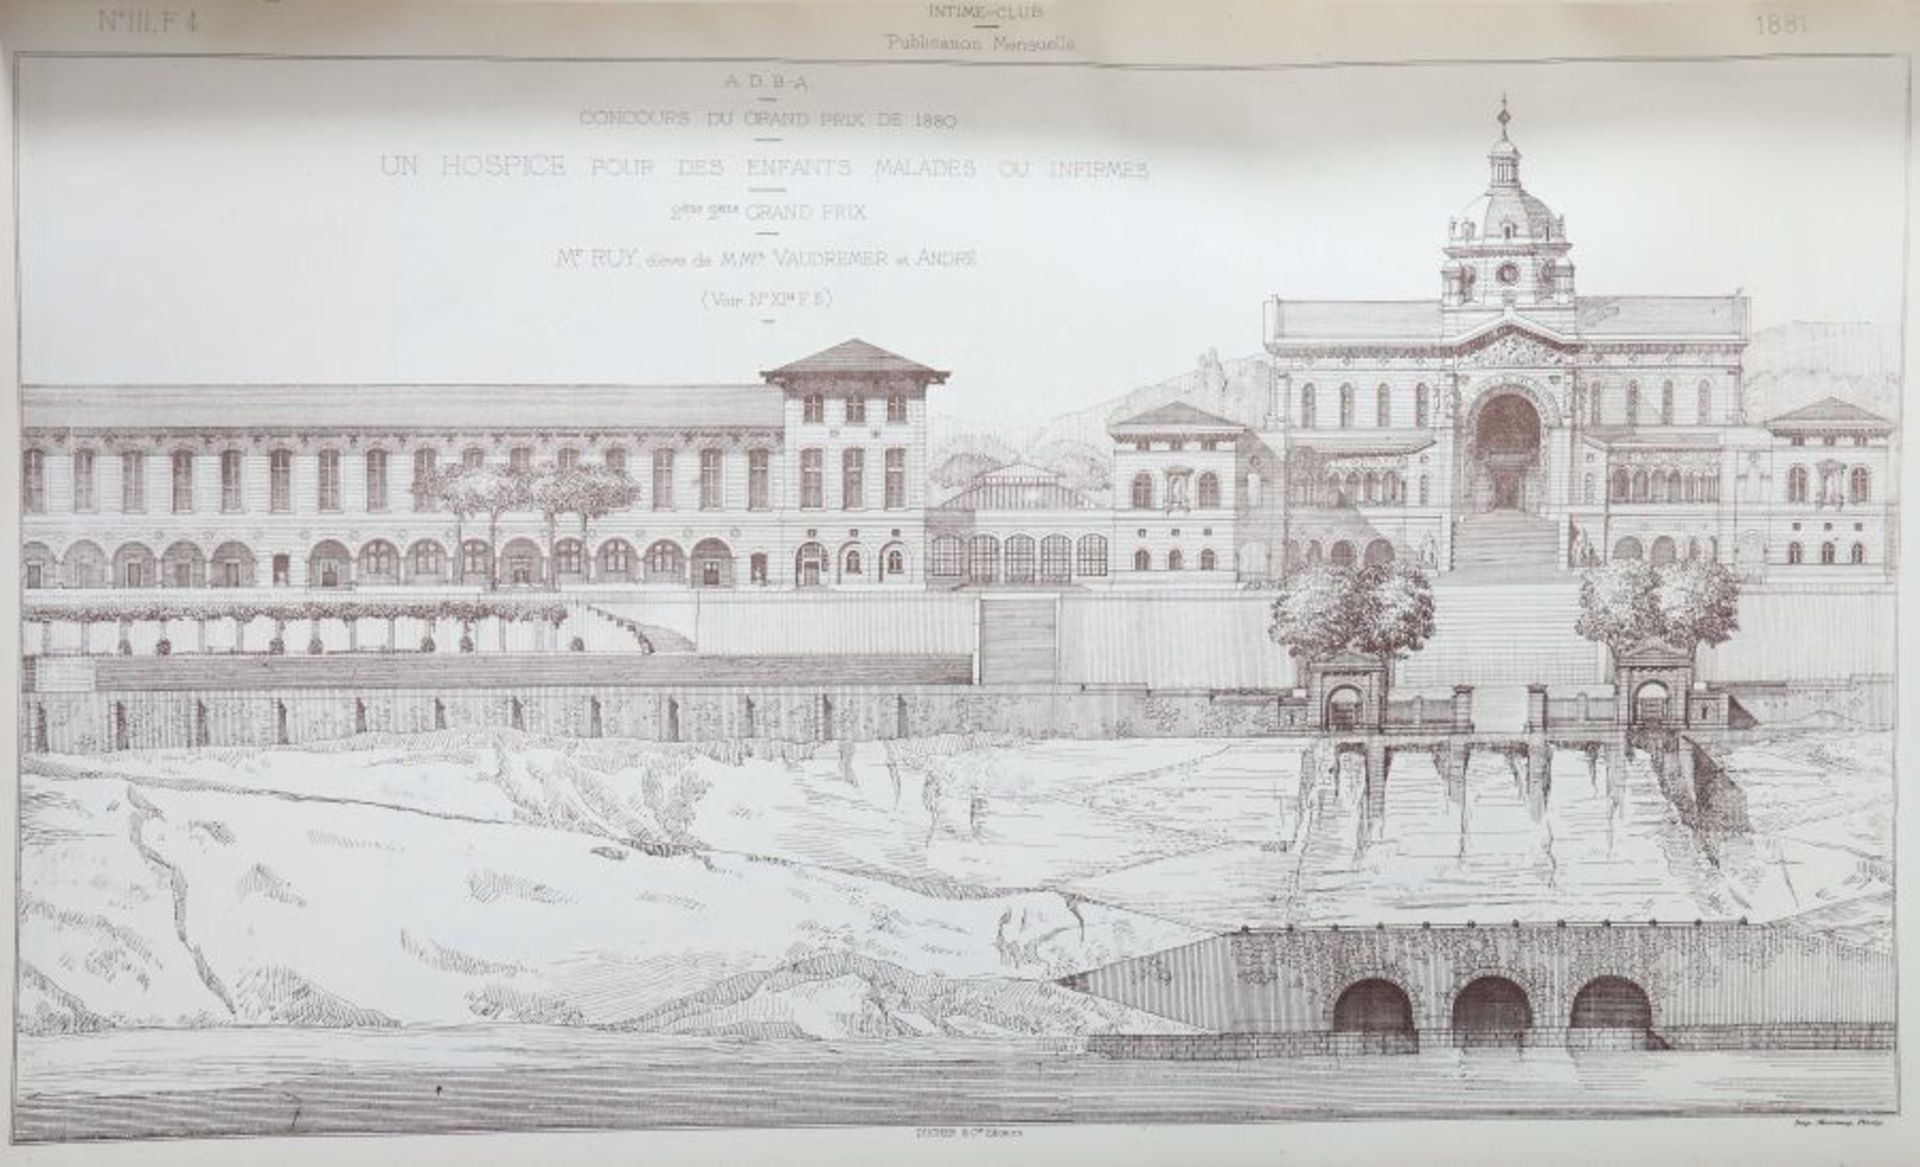 Intime-Club Croquis d'architecture, Publication mensuelle, Paris, 1878/81/84, 3 Bde. (12./15./18. - Bild 5 aus 6